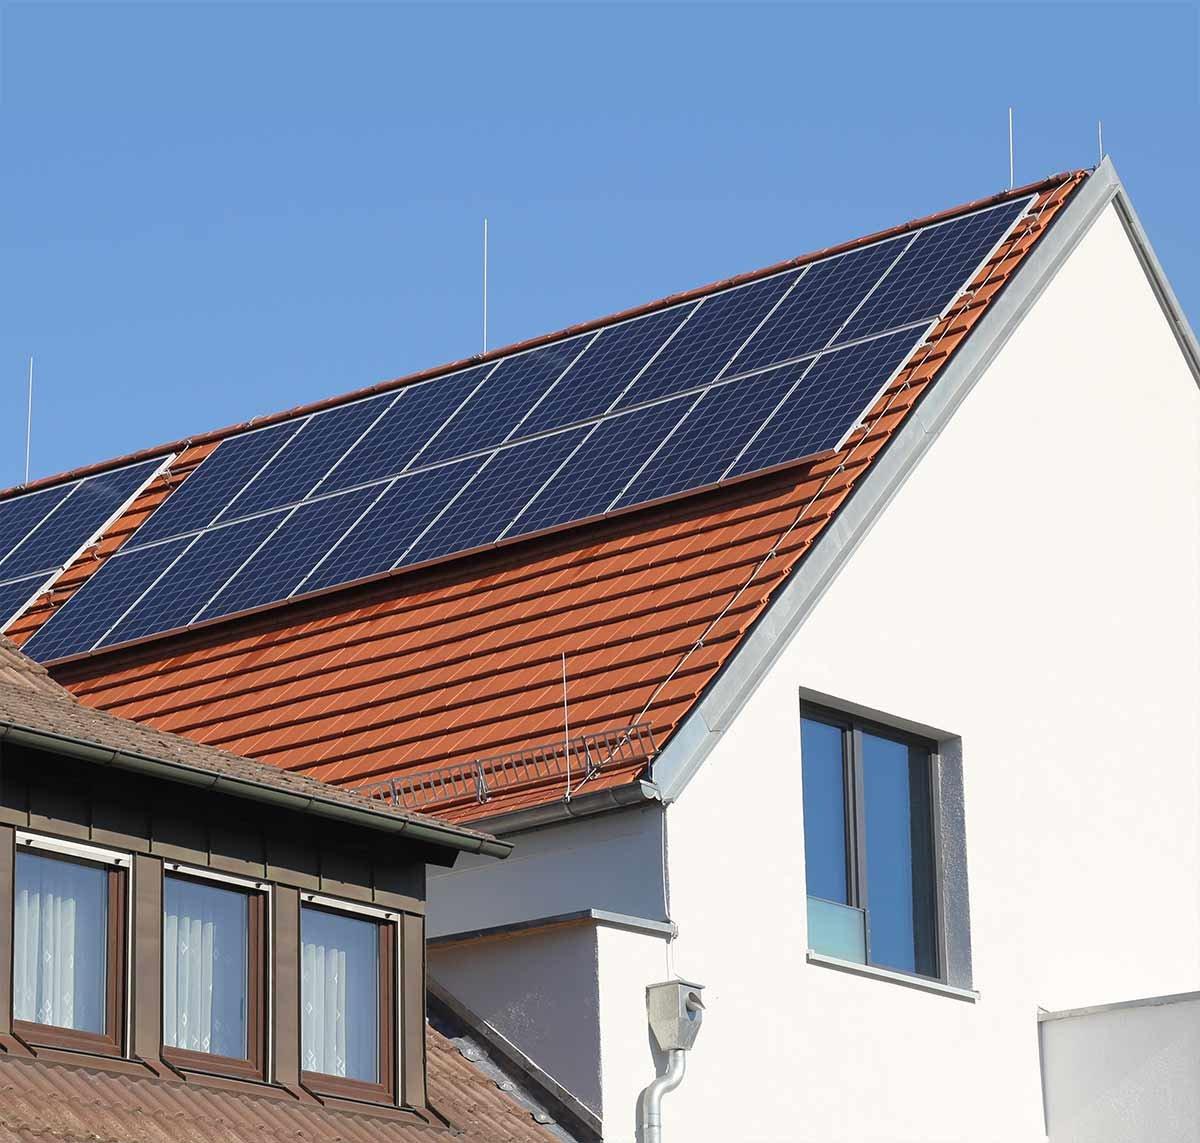 placa solar fotovoltaica instalada en el techo de una vivienda